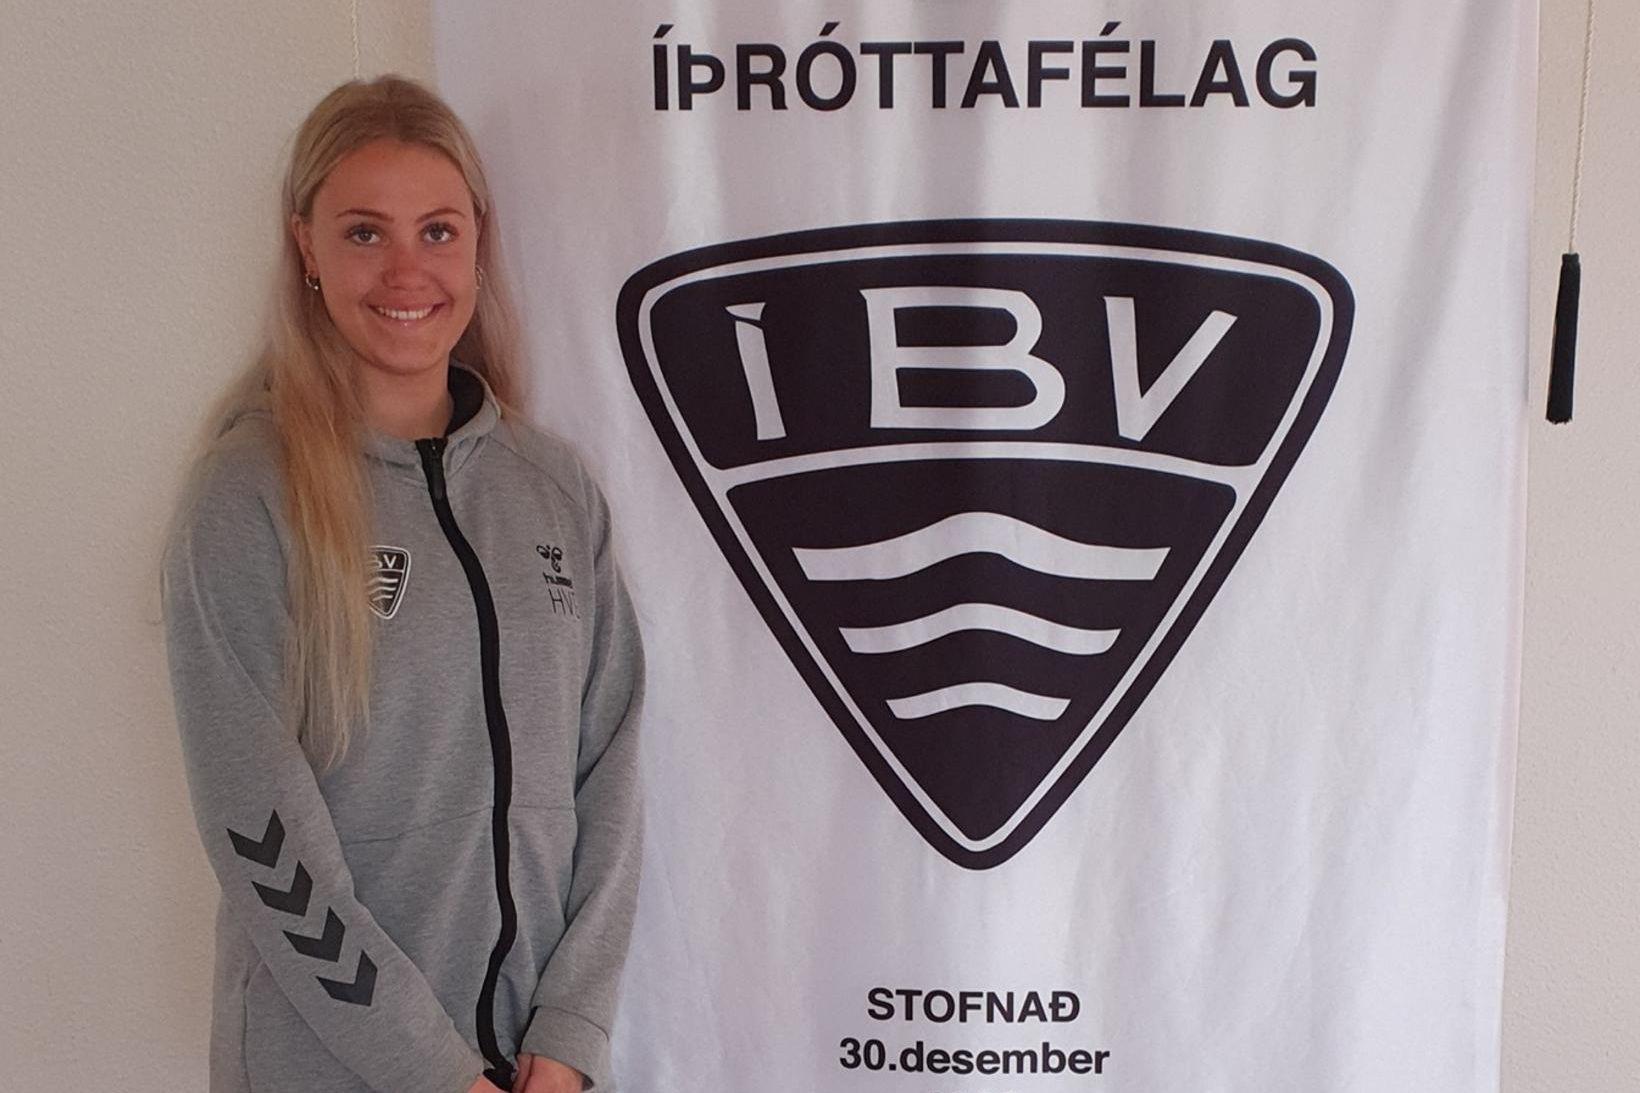 Harpa Valey Gylfadóttir hefur framlengt samning sinn við ÍBV.